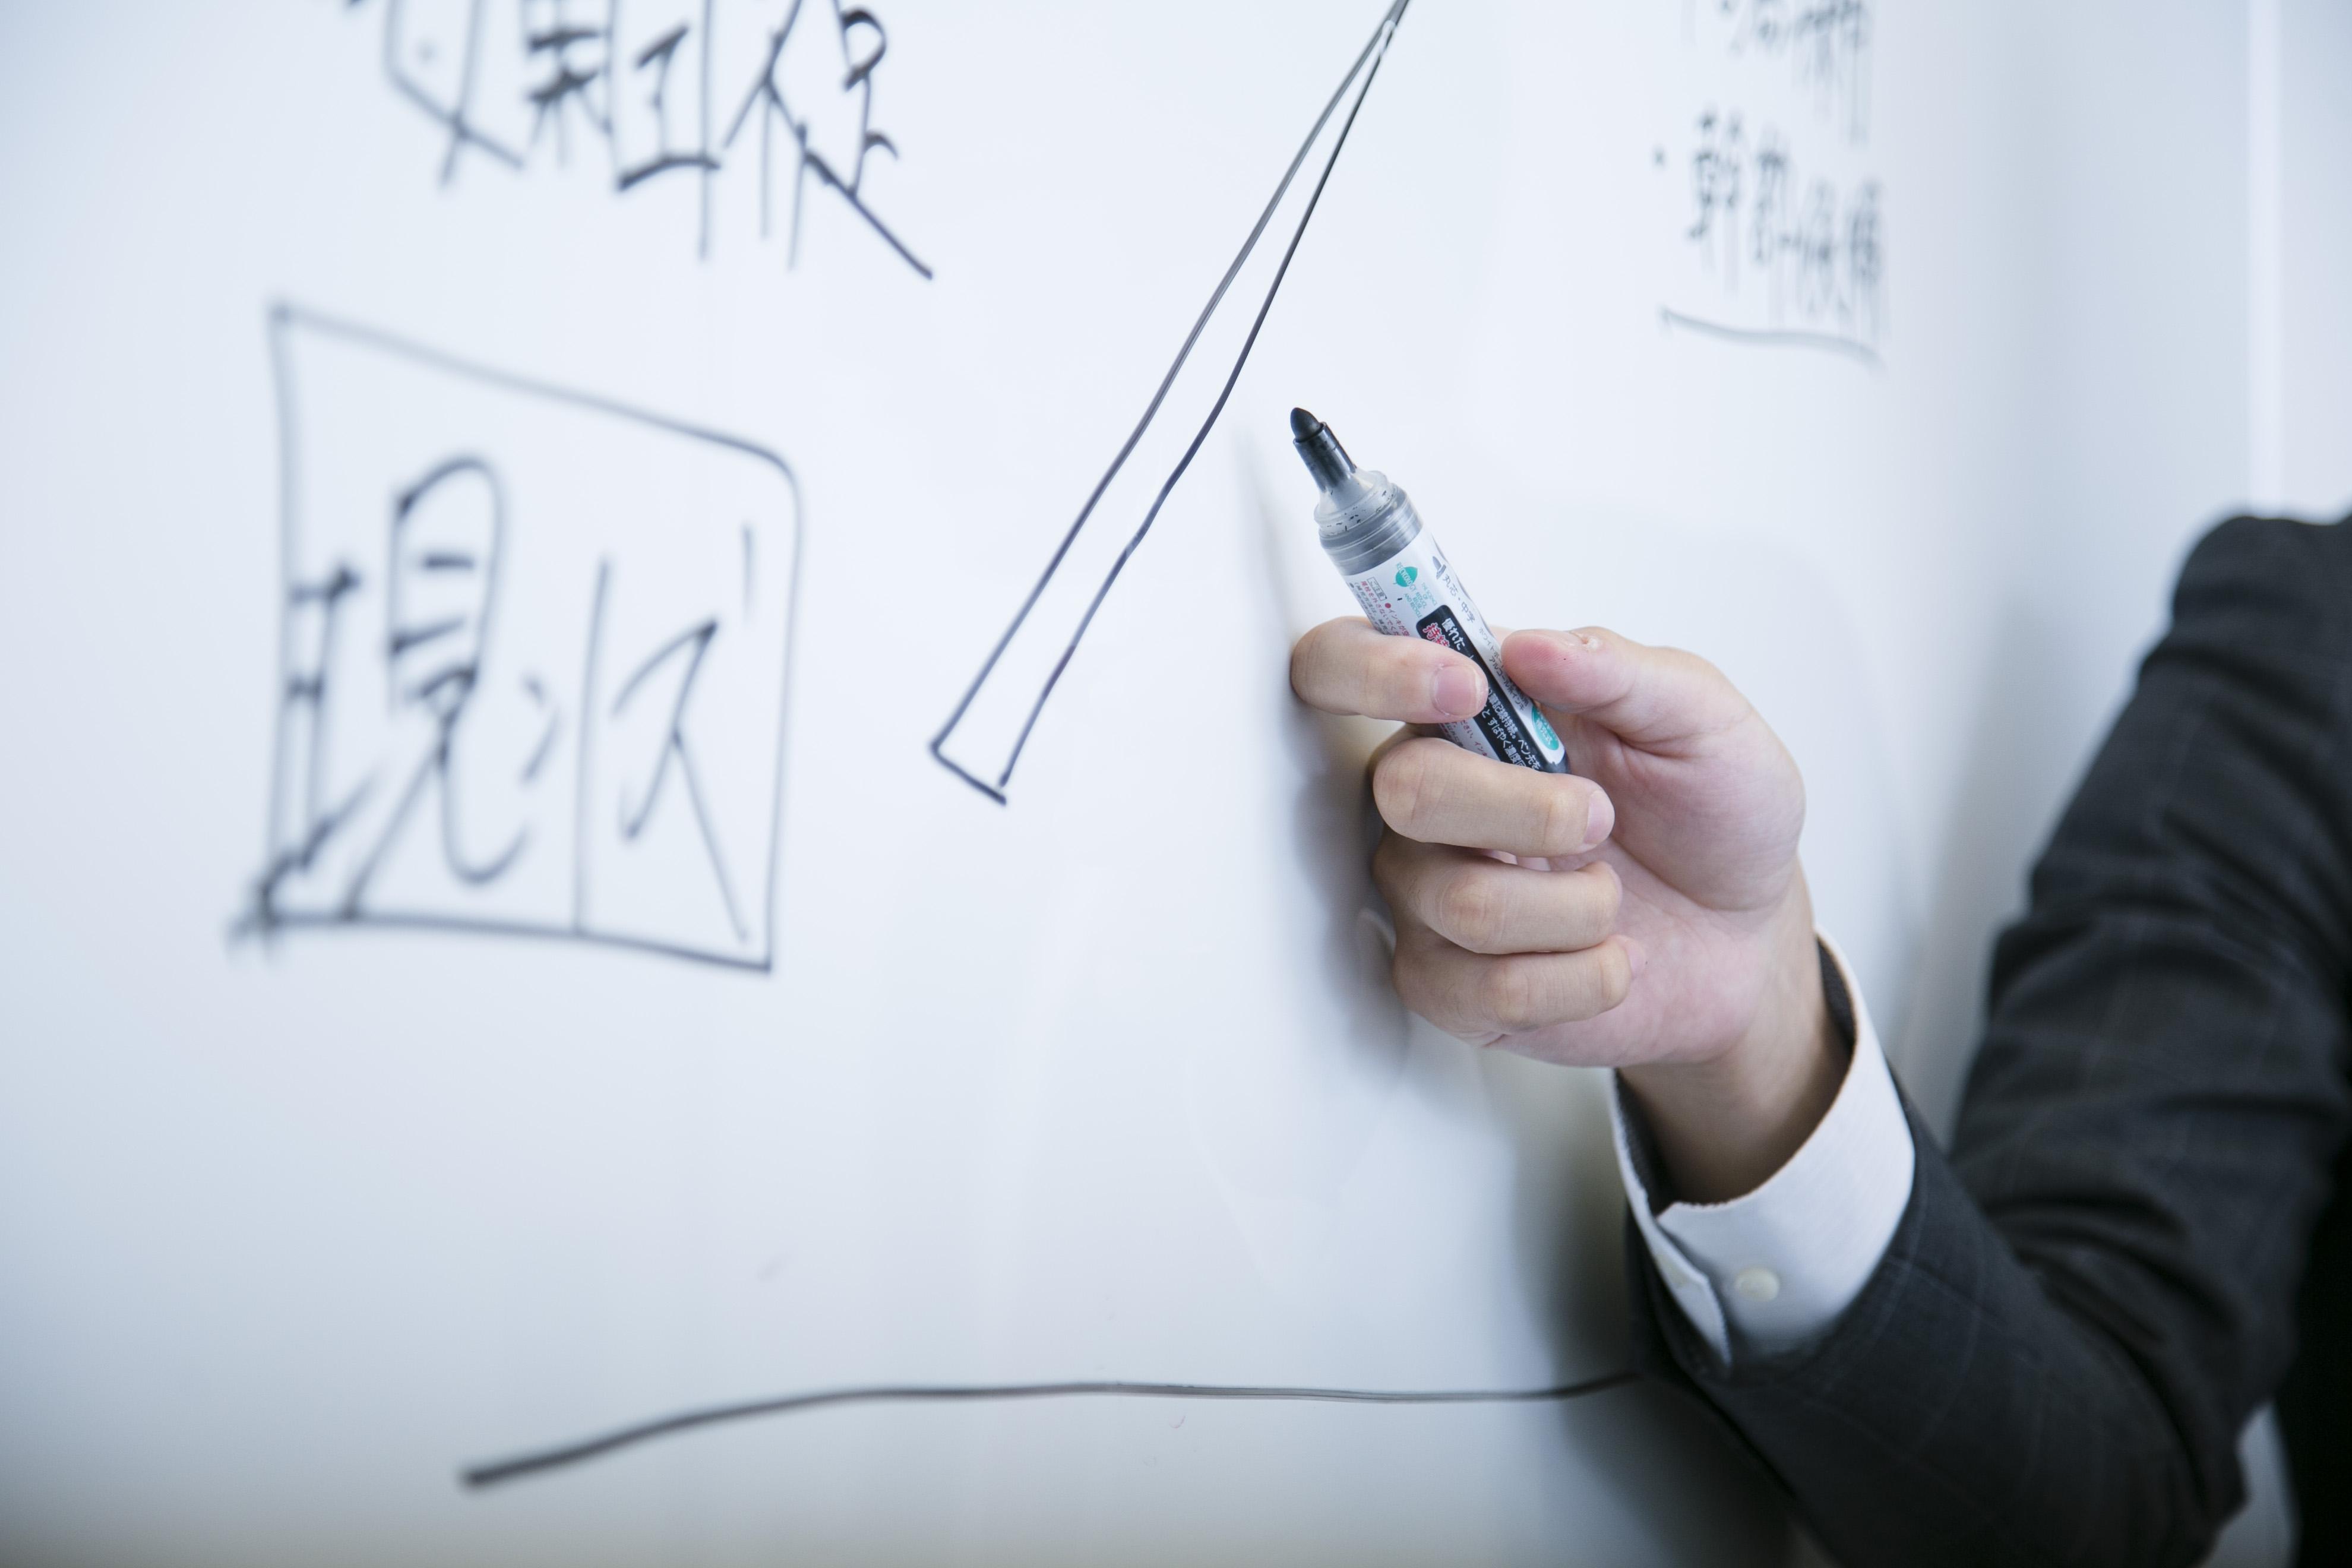 [働き方改革・無料セミナー]NEWONE×カケハシ「ビジネスカードゲームを通じて考える、『働き方改革』の本質の捉え方」セミナーを7/3に開催